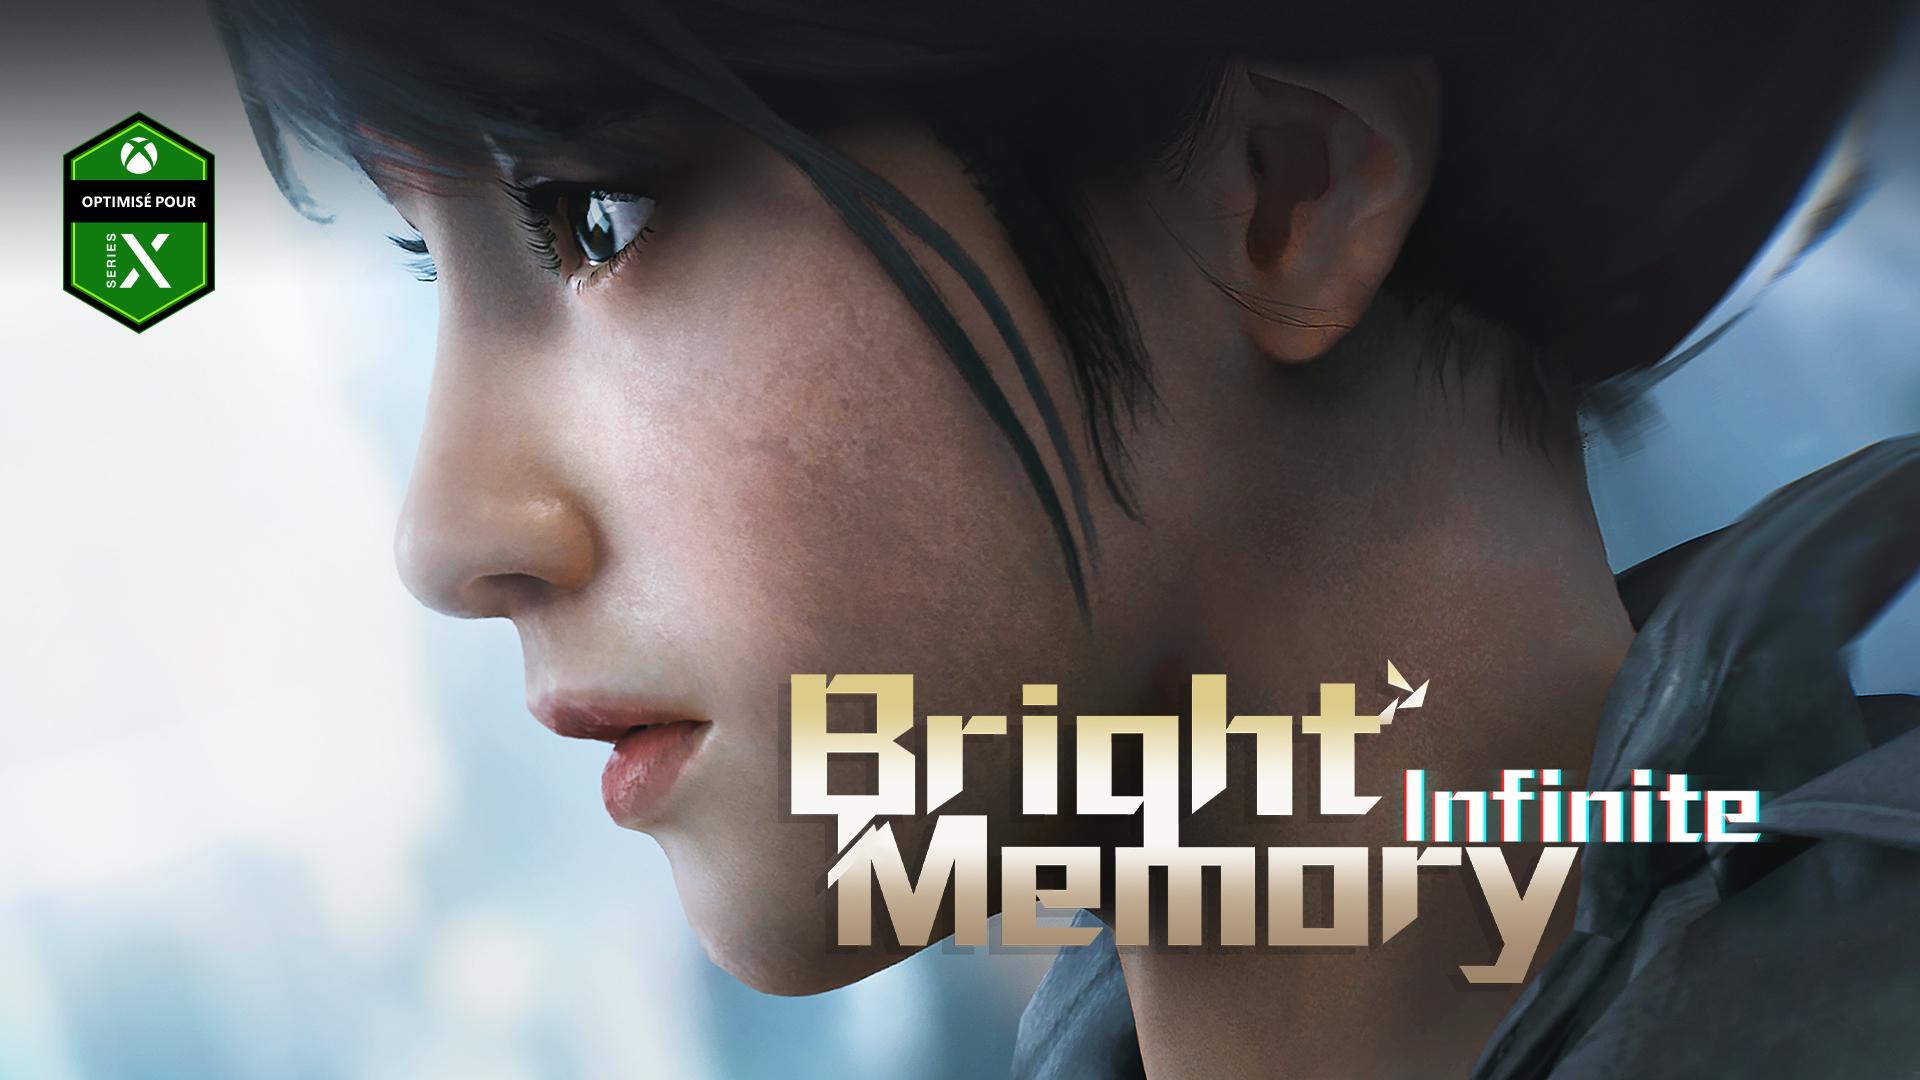 Bright Memory Infinite, optimisé pour XboxSeriesX - Une jeune femme regarde au loin.